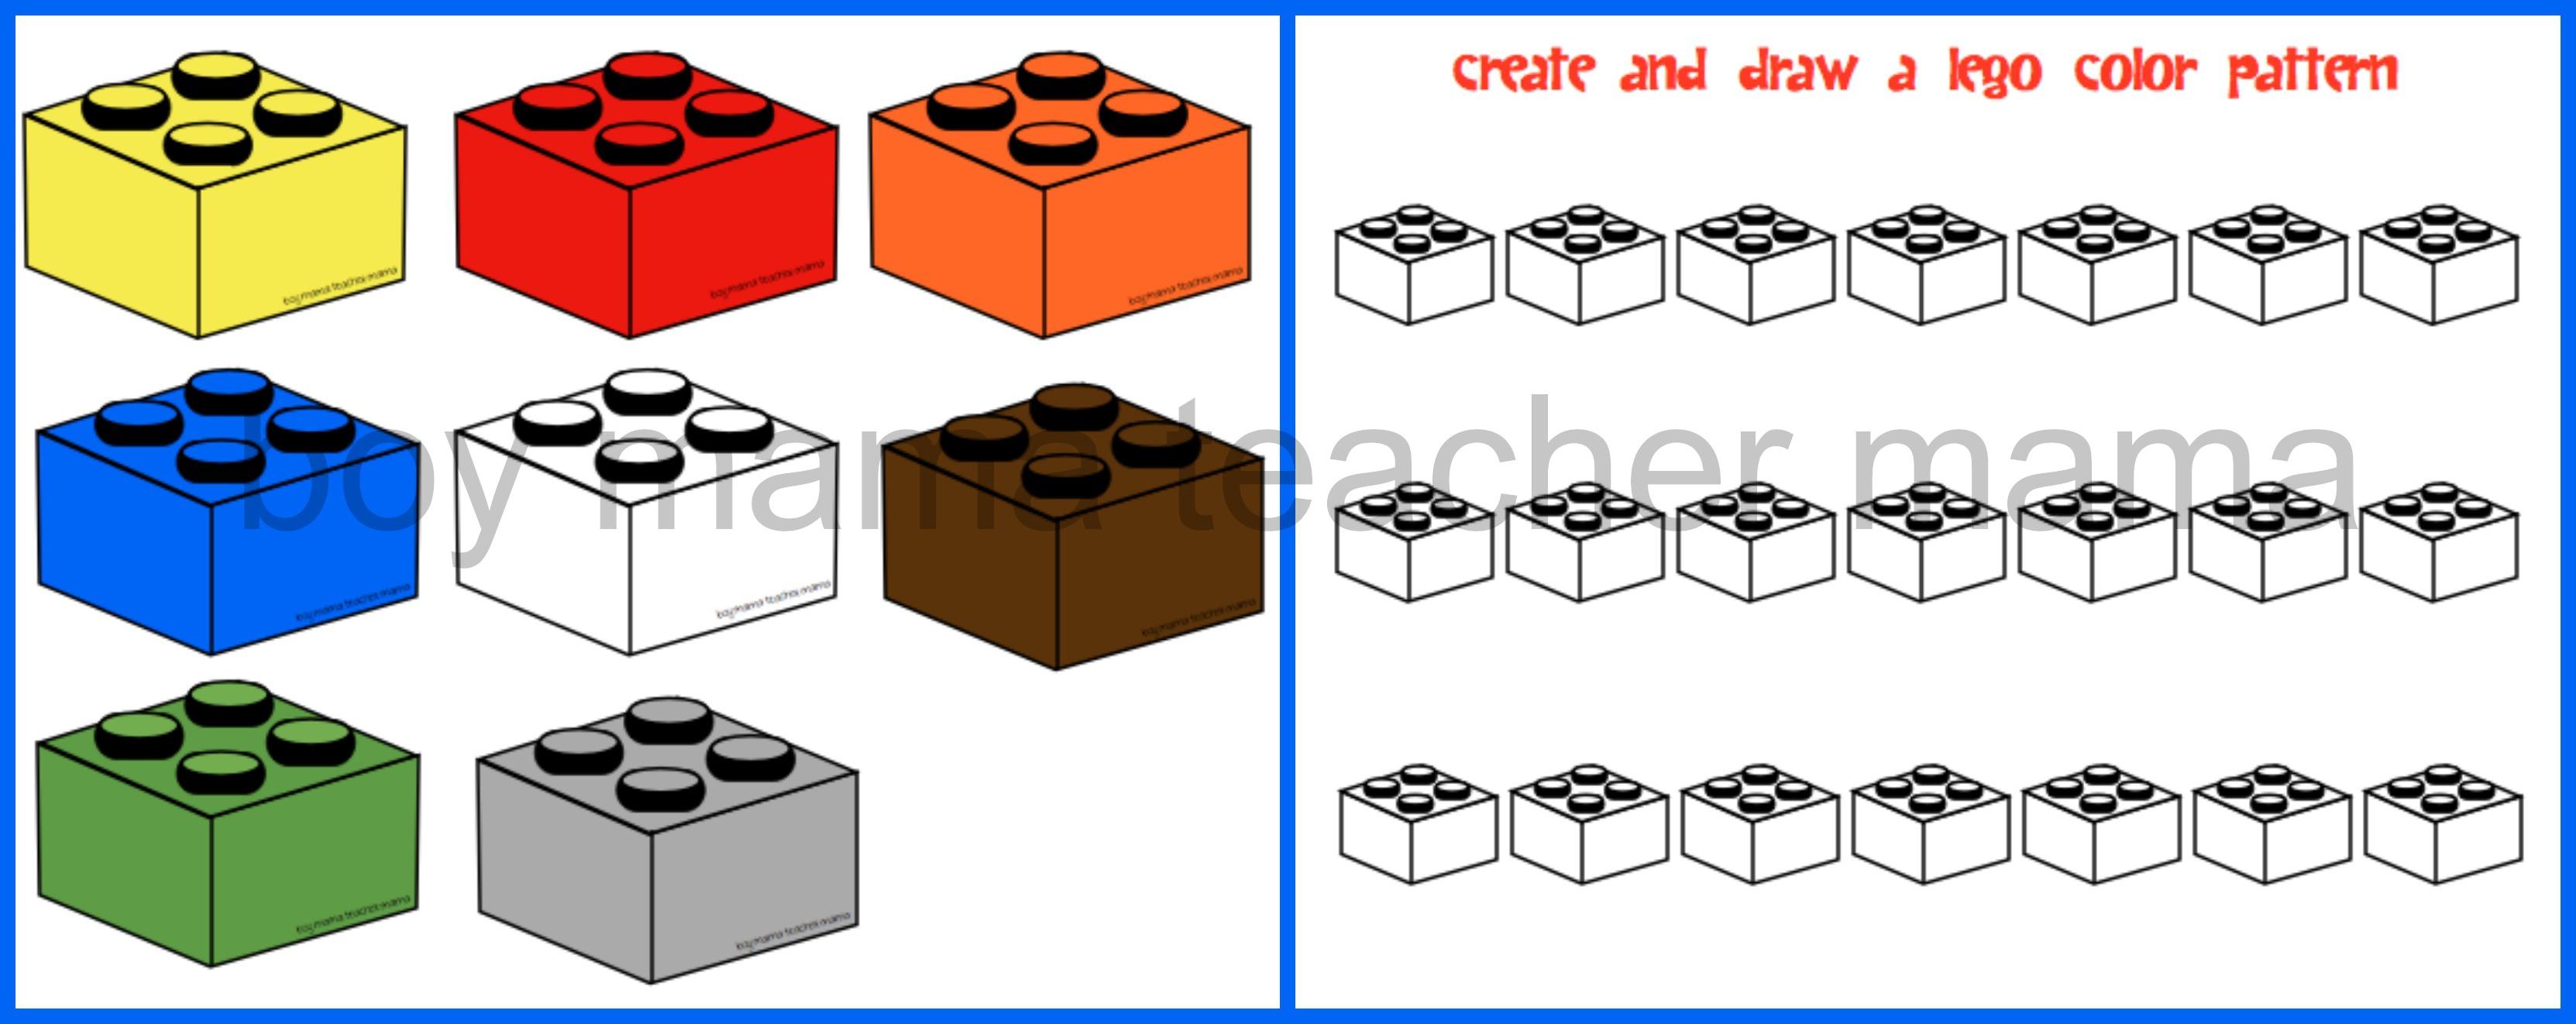 how to draw lego blocks